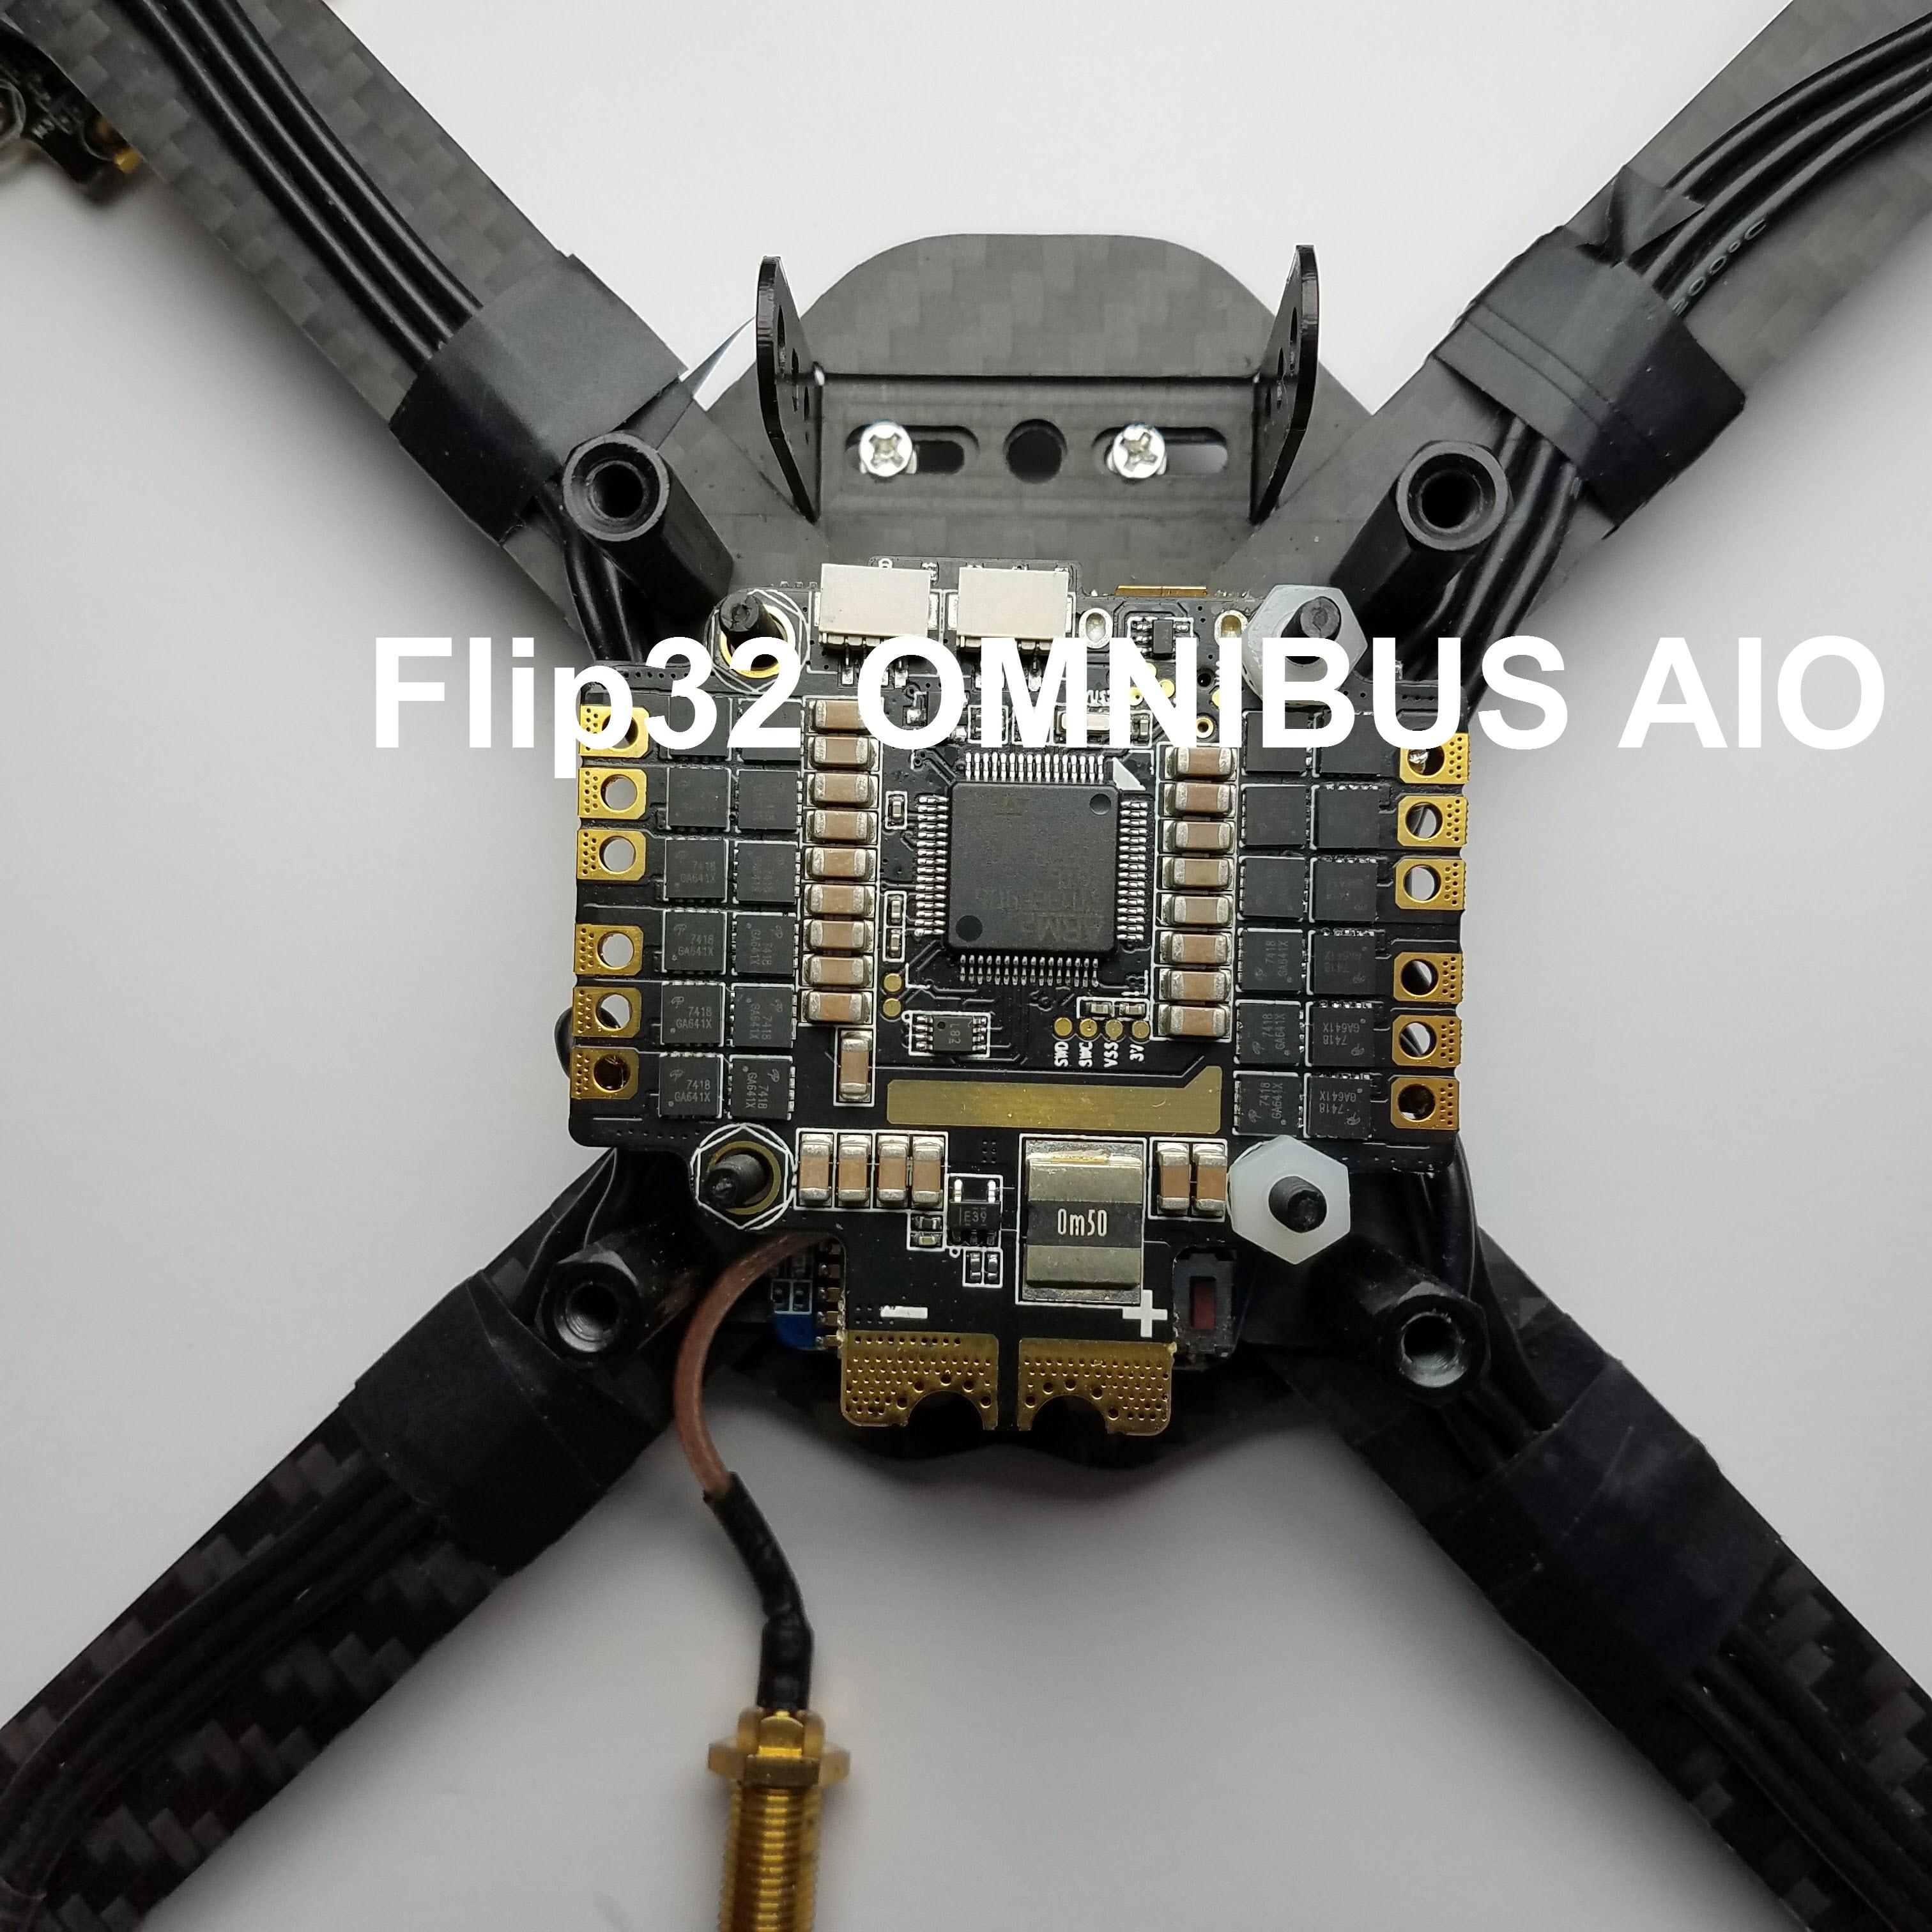 Flip 32 - F4 - Omnibus AIO